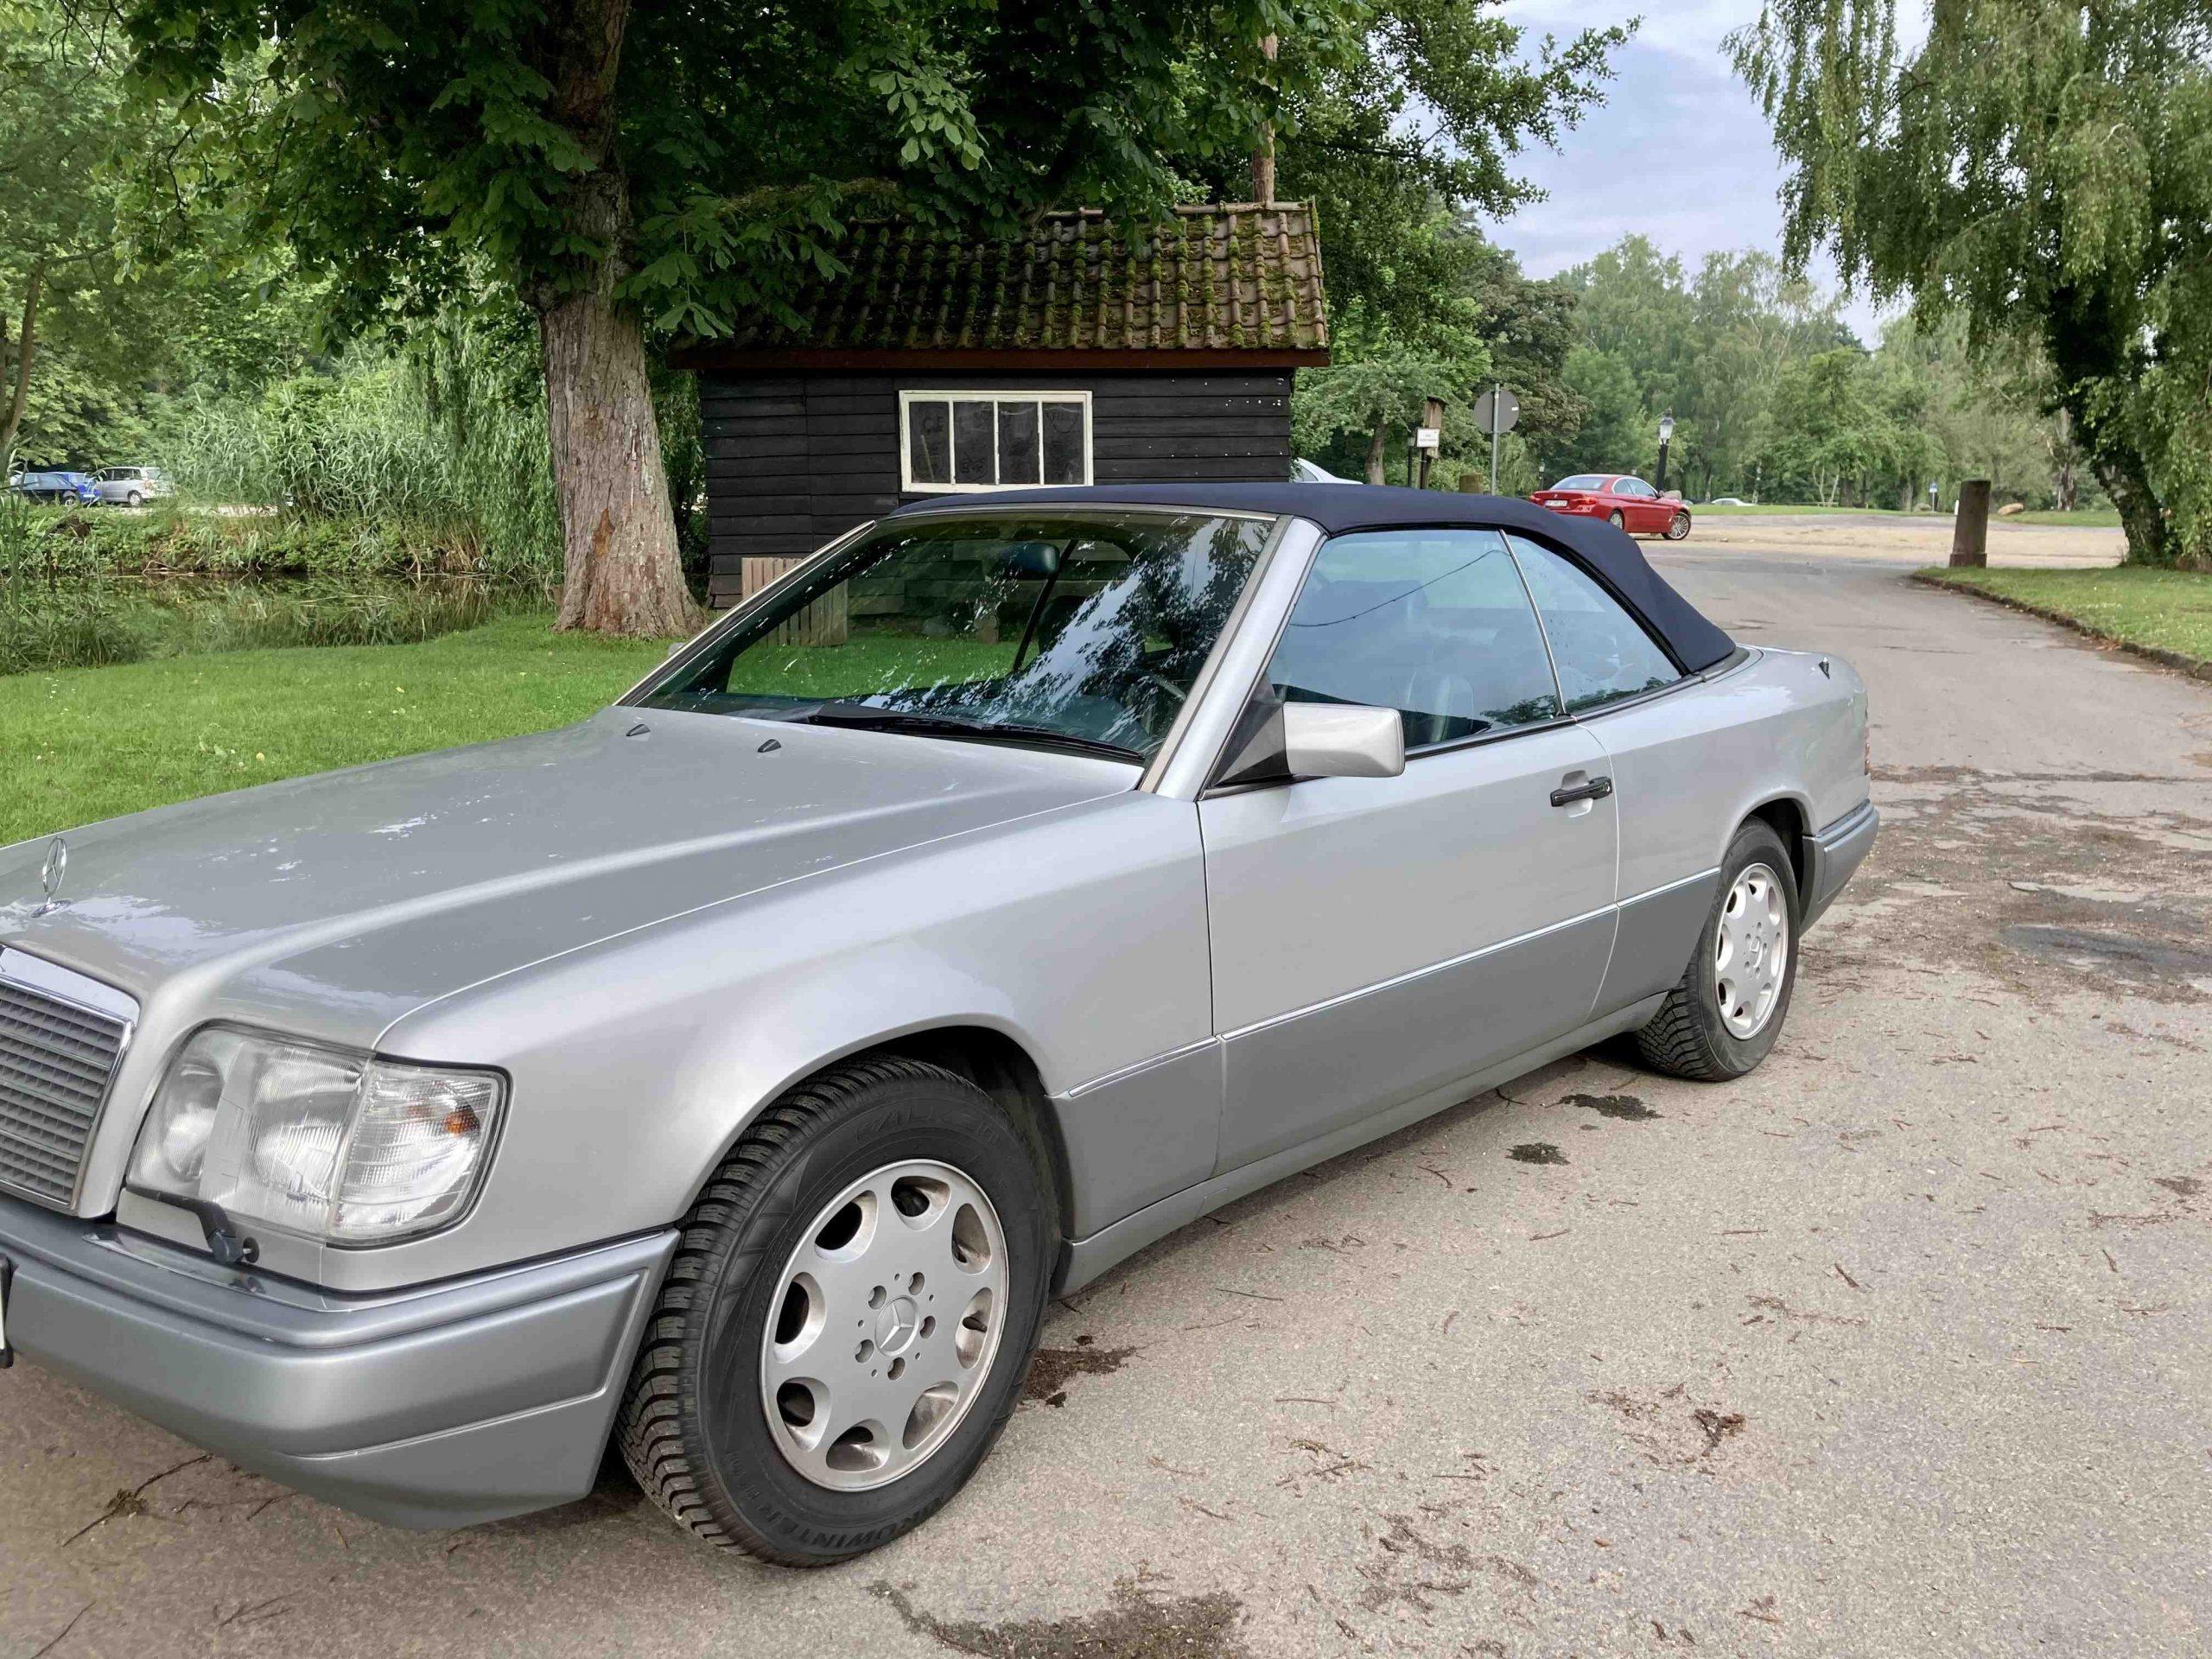 1994 Mercedes Benz E320 Cabrio ex Frankfurt - € 19.320.-